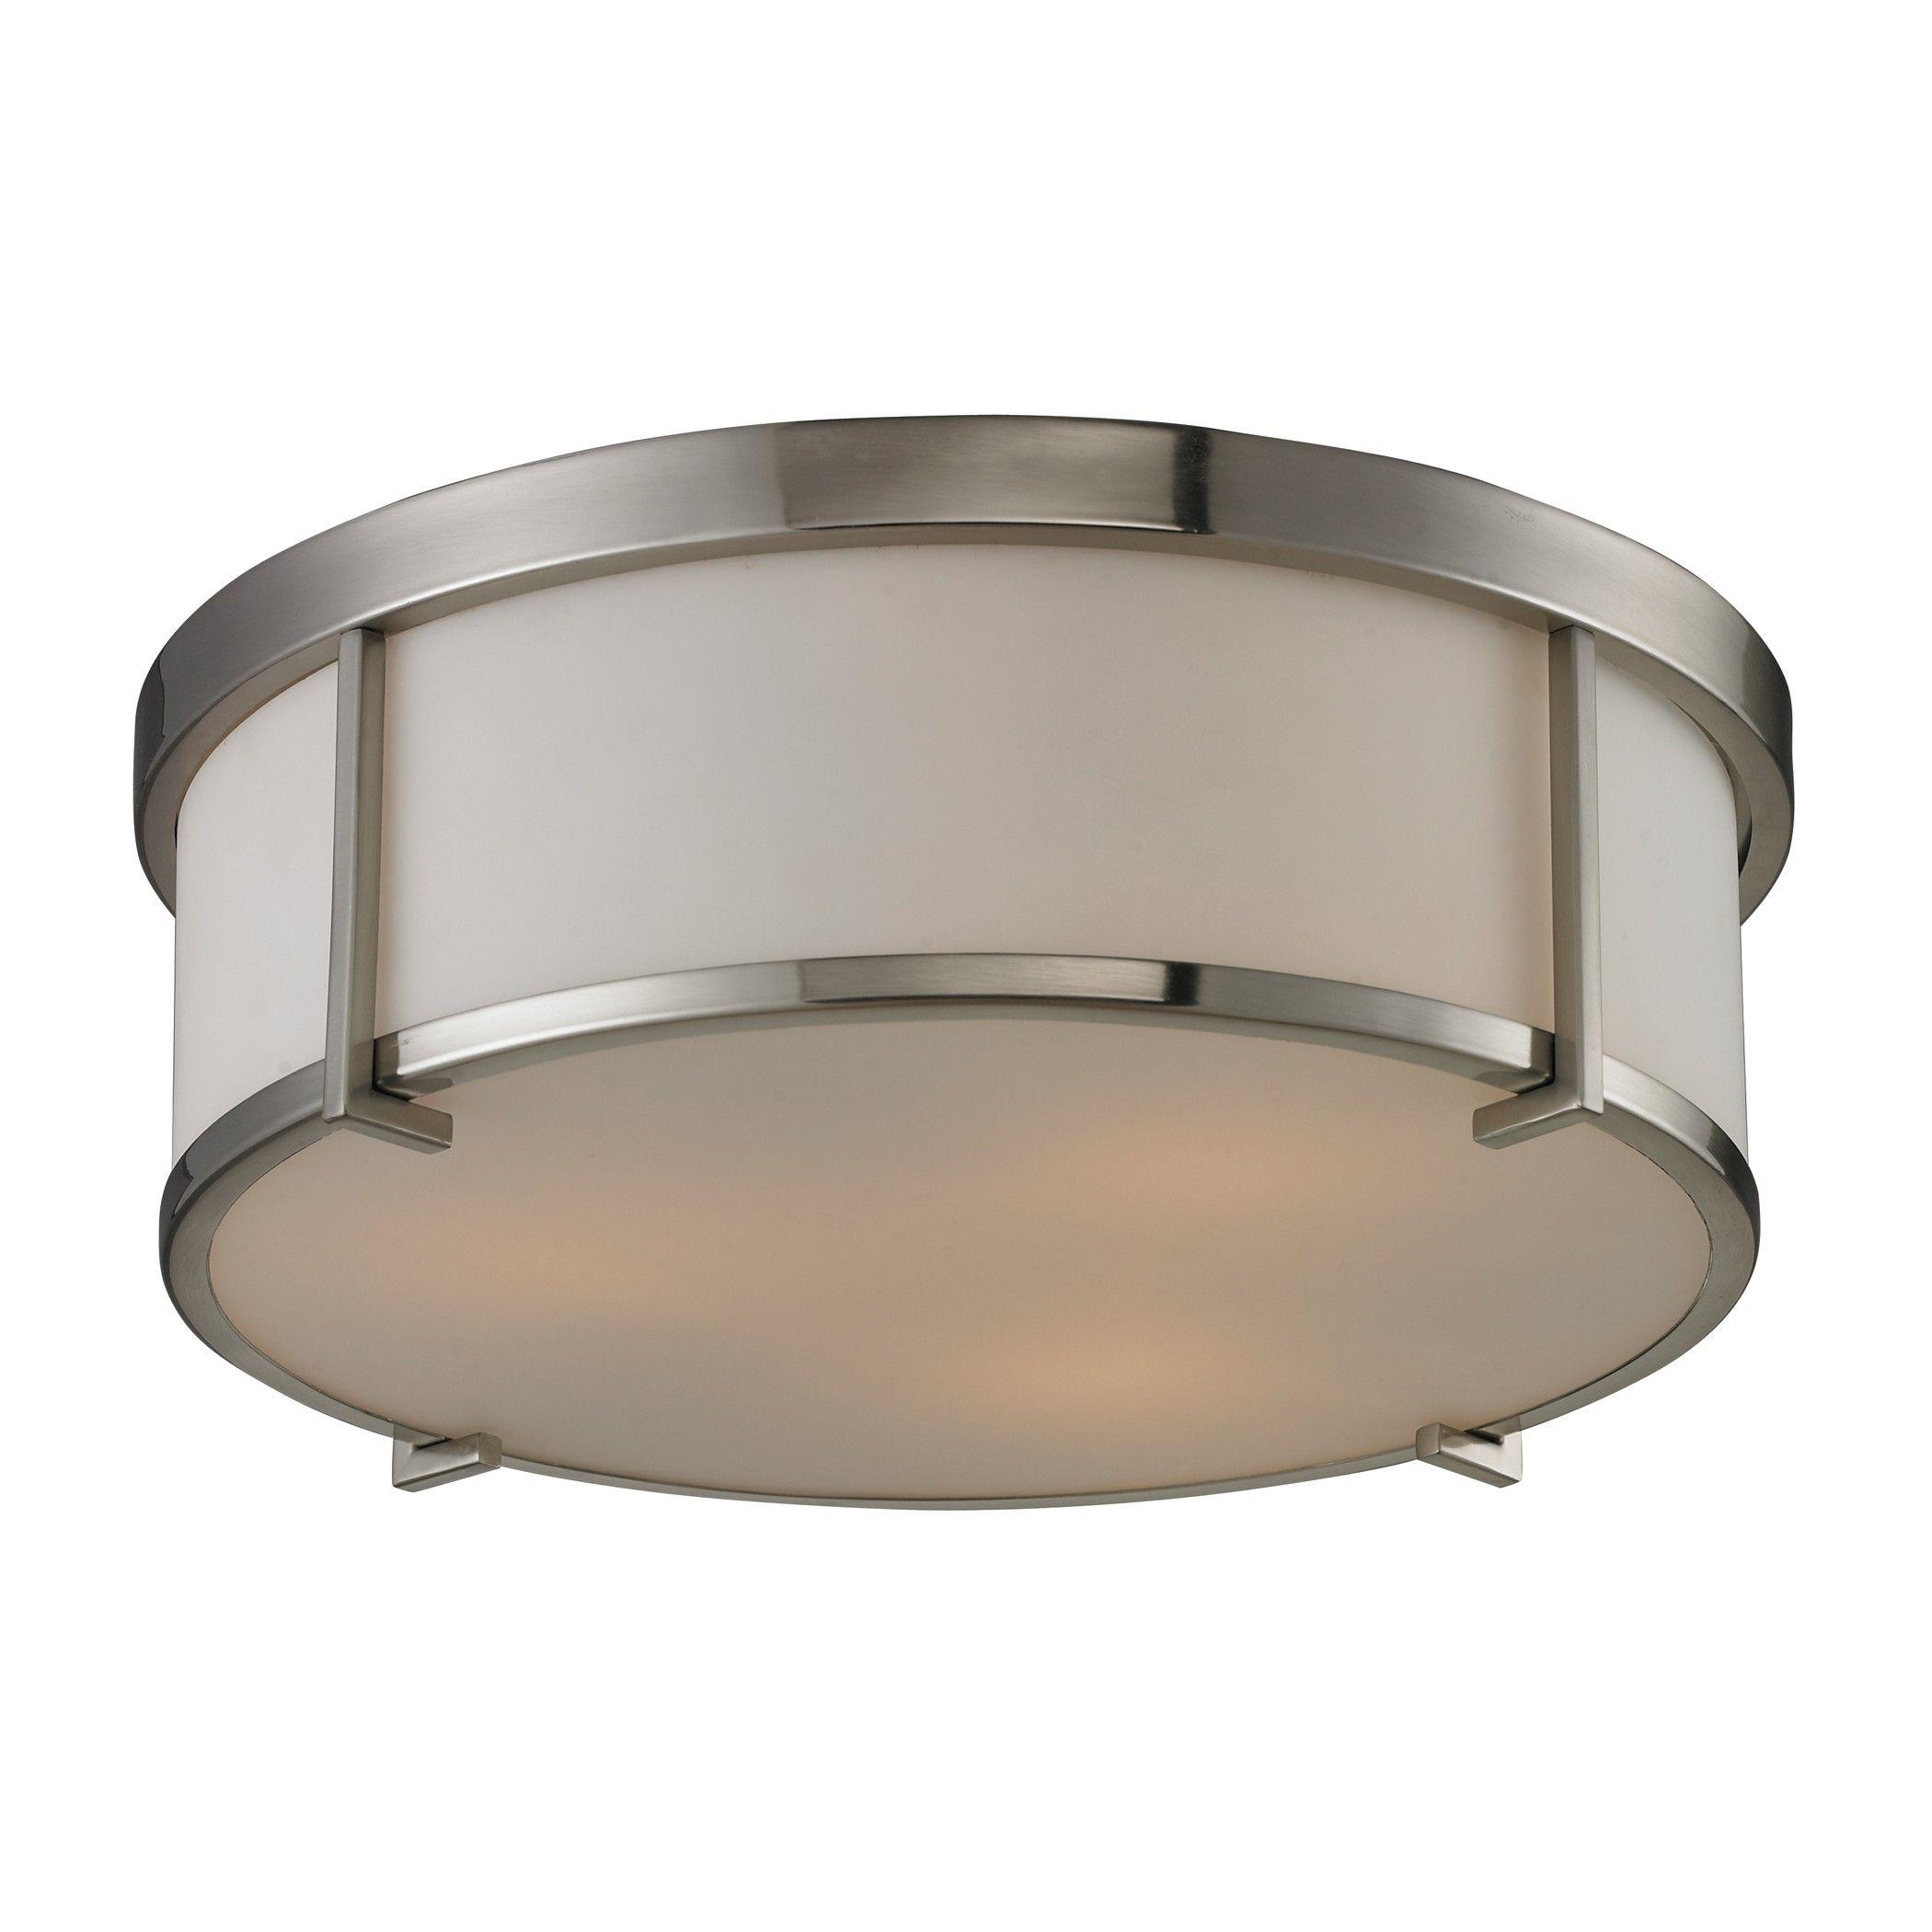 Fantastic bathroom ceiling fan using broan exhaust fans design ideas fantastic bathroom ceiling fan using broan exhaust fans design ideas bathroom exhaust fan with light aloadofball Images